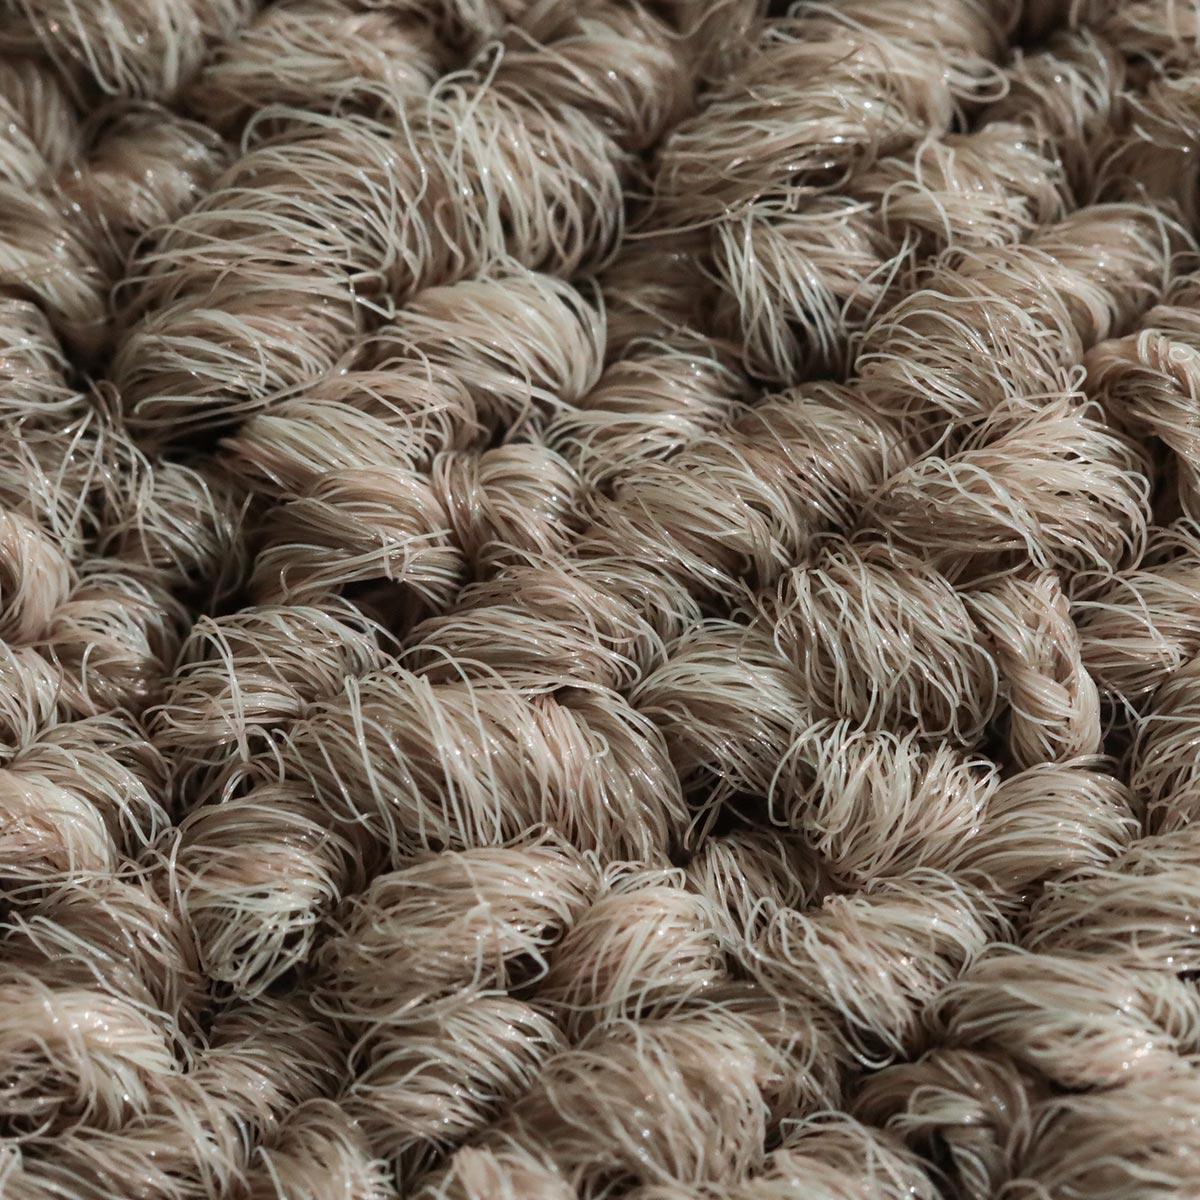 程よいシャリ感のある単色のポリエステル繊維を使用しています。